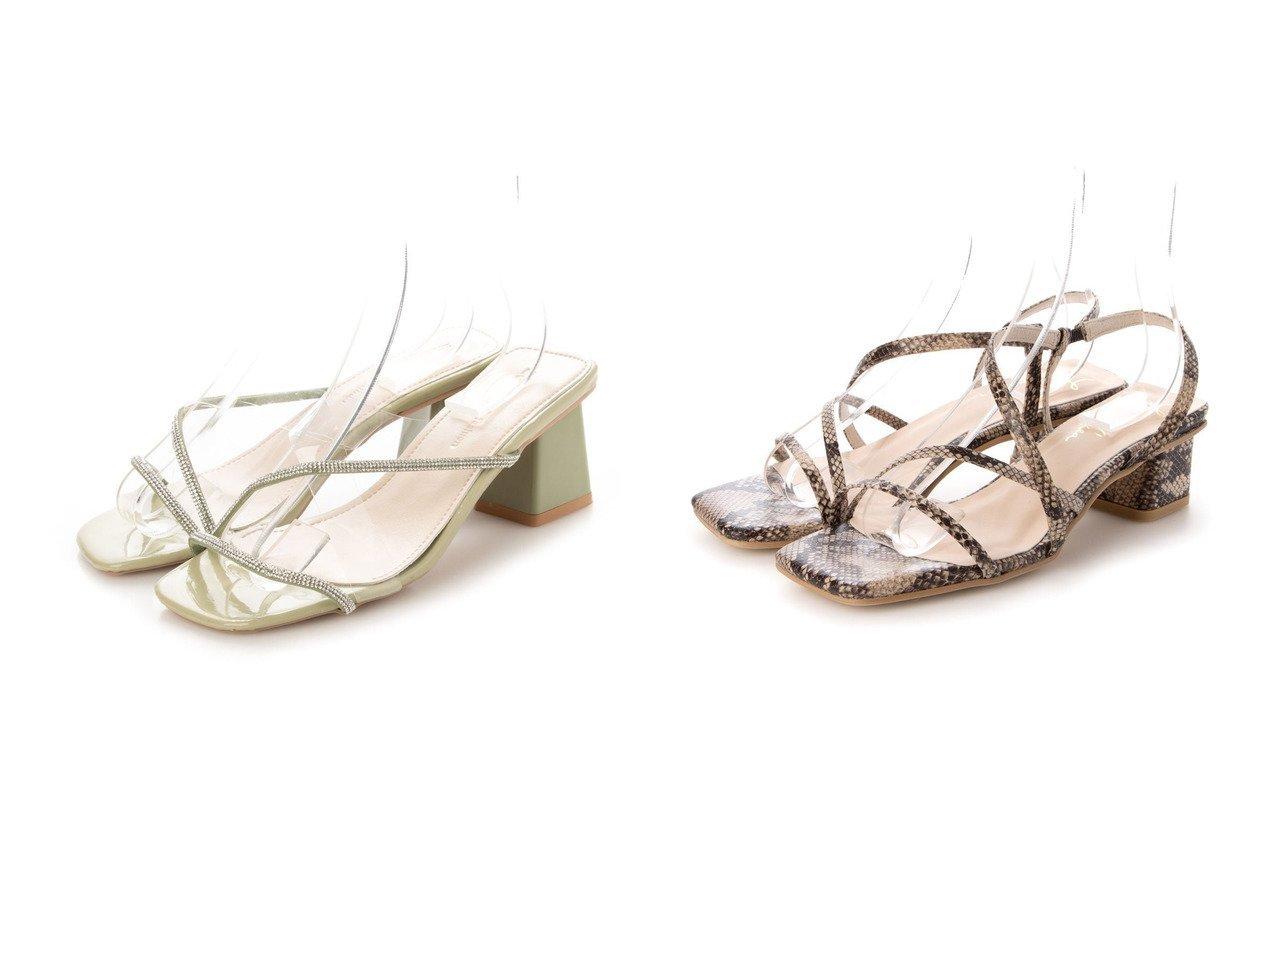 【Launa lea/ラウナレア】のクロスストラップサンダル&【STYLEBLOCK/スタイルブロック】のクリアベルトクロスサンダル 【シューズ・靴】おすすめ!人気、トレンド・レディースファッションの通販 おすすめで人気の流行・トレンド、ファッションの通販商品 インテリア・家具・メンズファッション・キッズファッション・レディースファッション・服の通販 founy(ファニー) https://founy.com/ ファッション Fashion レディースファッション WOMEN ベルト Belts 2021年 2021 2021春夏・S/S SS/Spring/Summer/2021 S/S・春夏 SS・Spring/Summer サンダル トレンド ブロック 春 Spring インソール クッション 抗菌 メッシュ ラップ リラックス おすすめ Recommend  ID:crp329100000045183